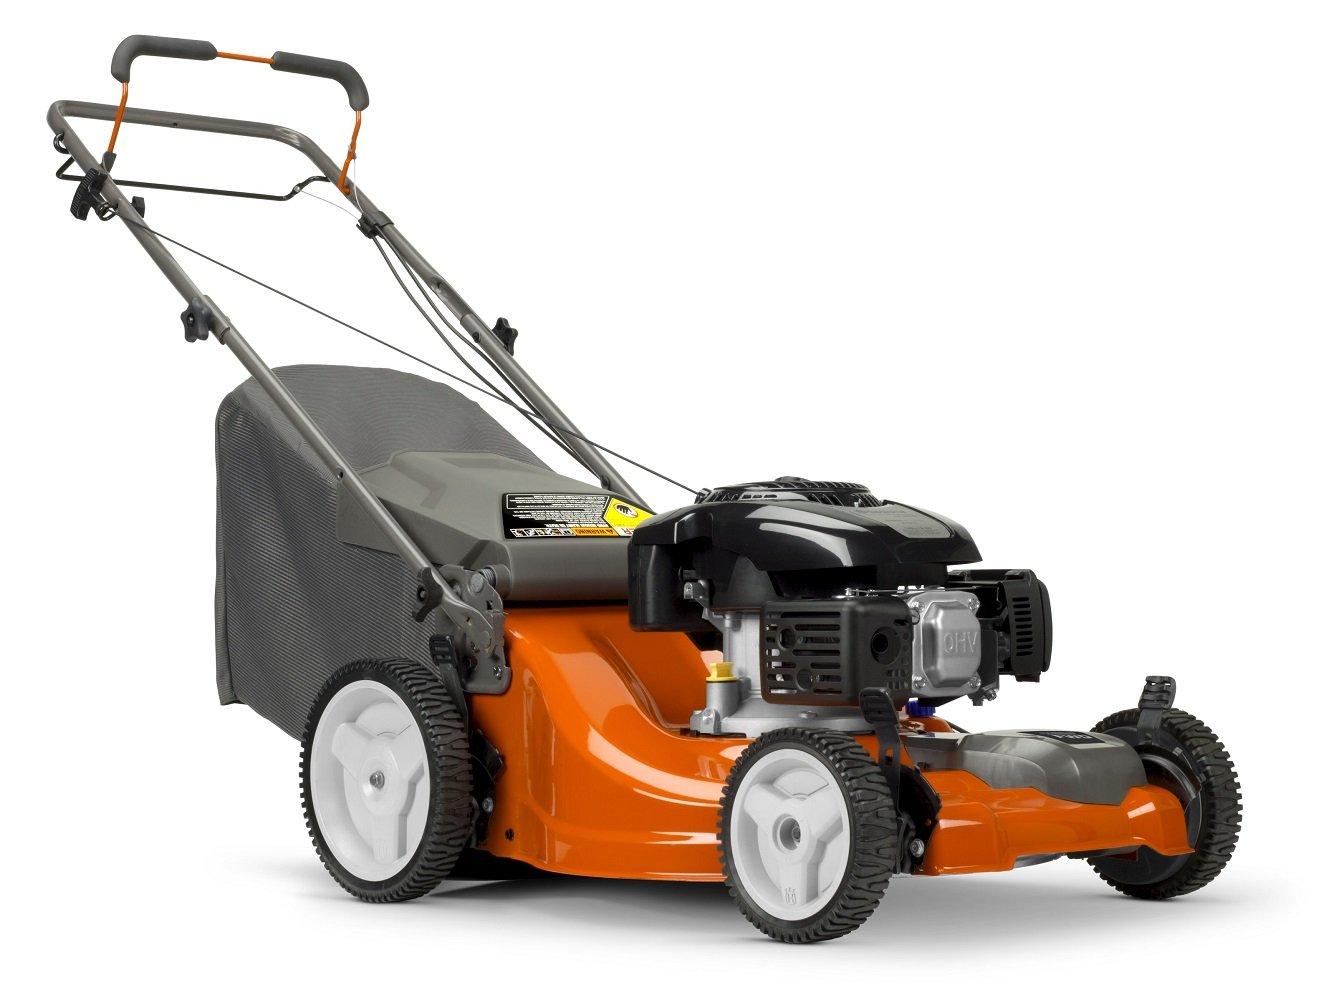 Husqvarna LC121F Fwd Lawn Mower Gas